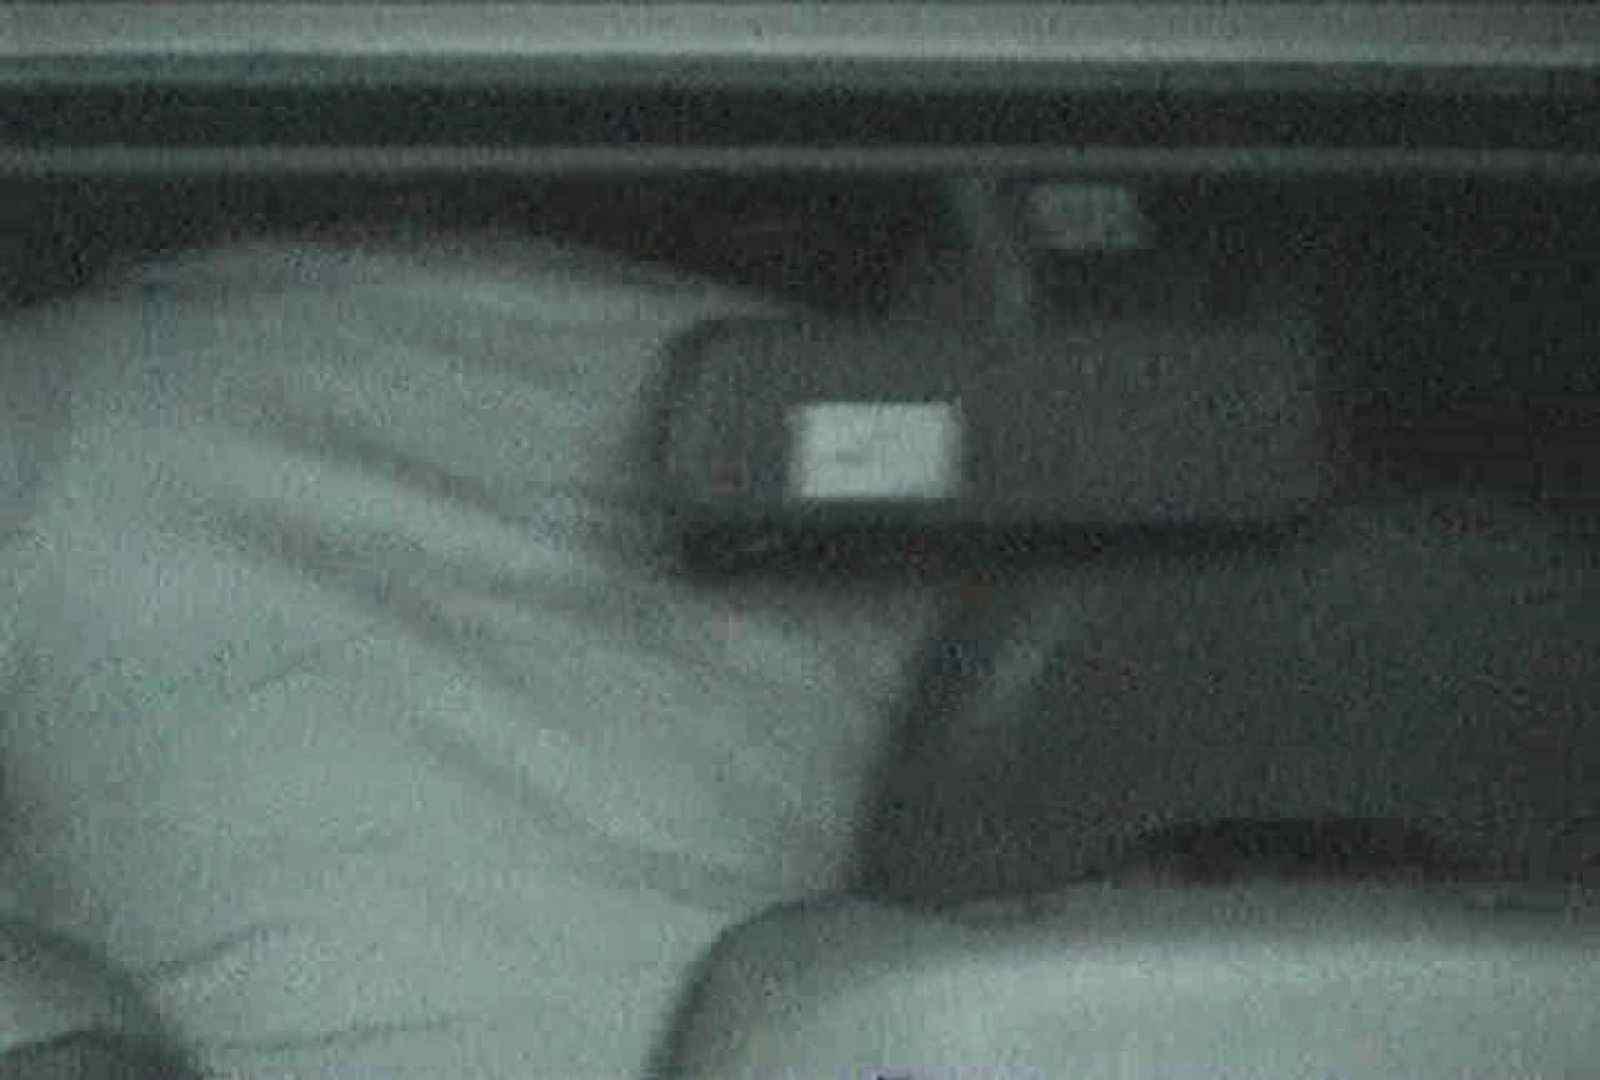 充血監督の深夜の運動会Vol.100 カップル盗撮 | エロティックなOL  107画像 85